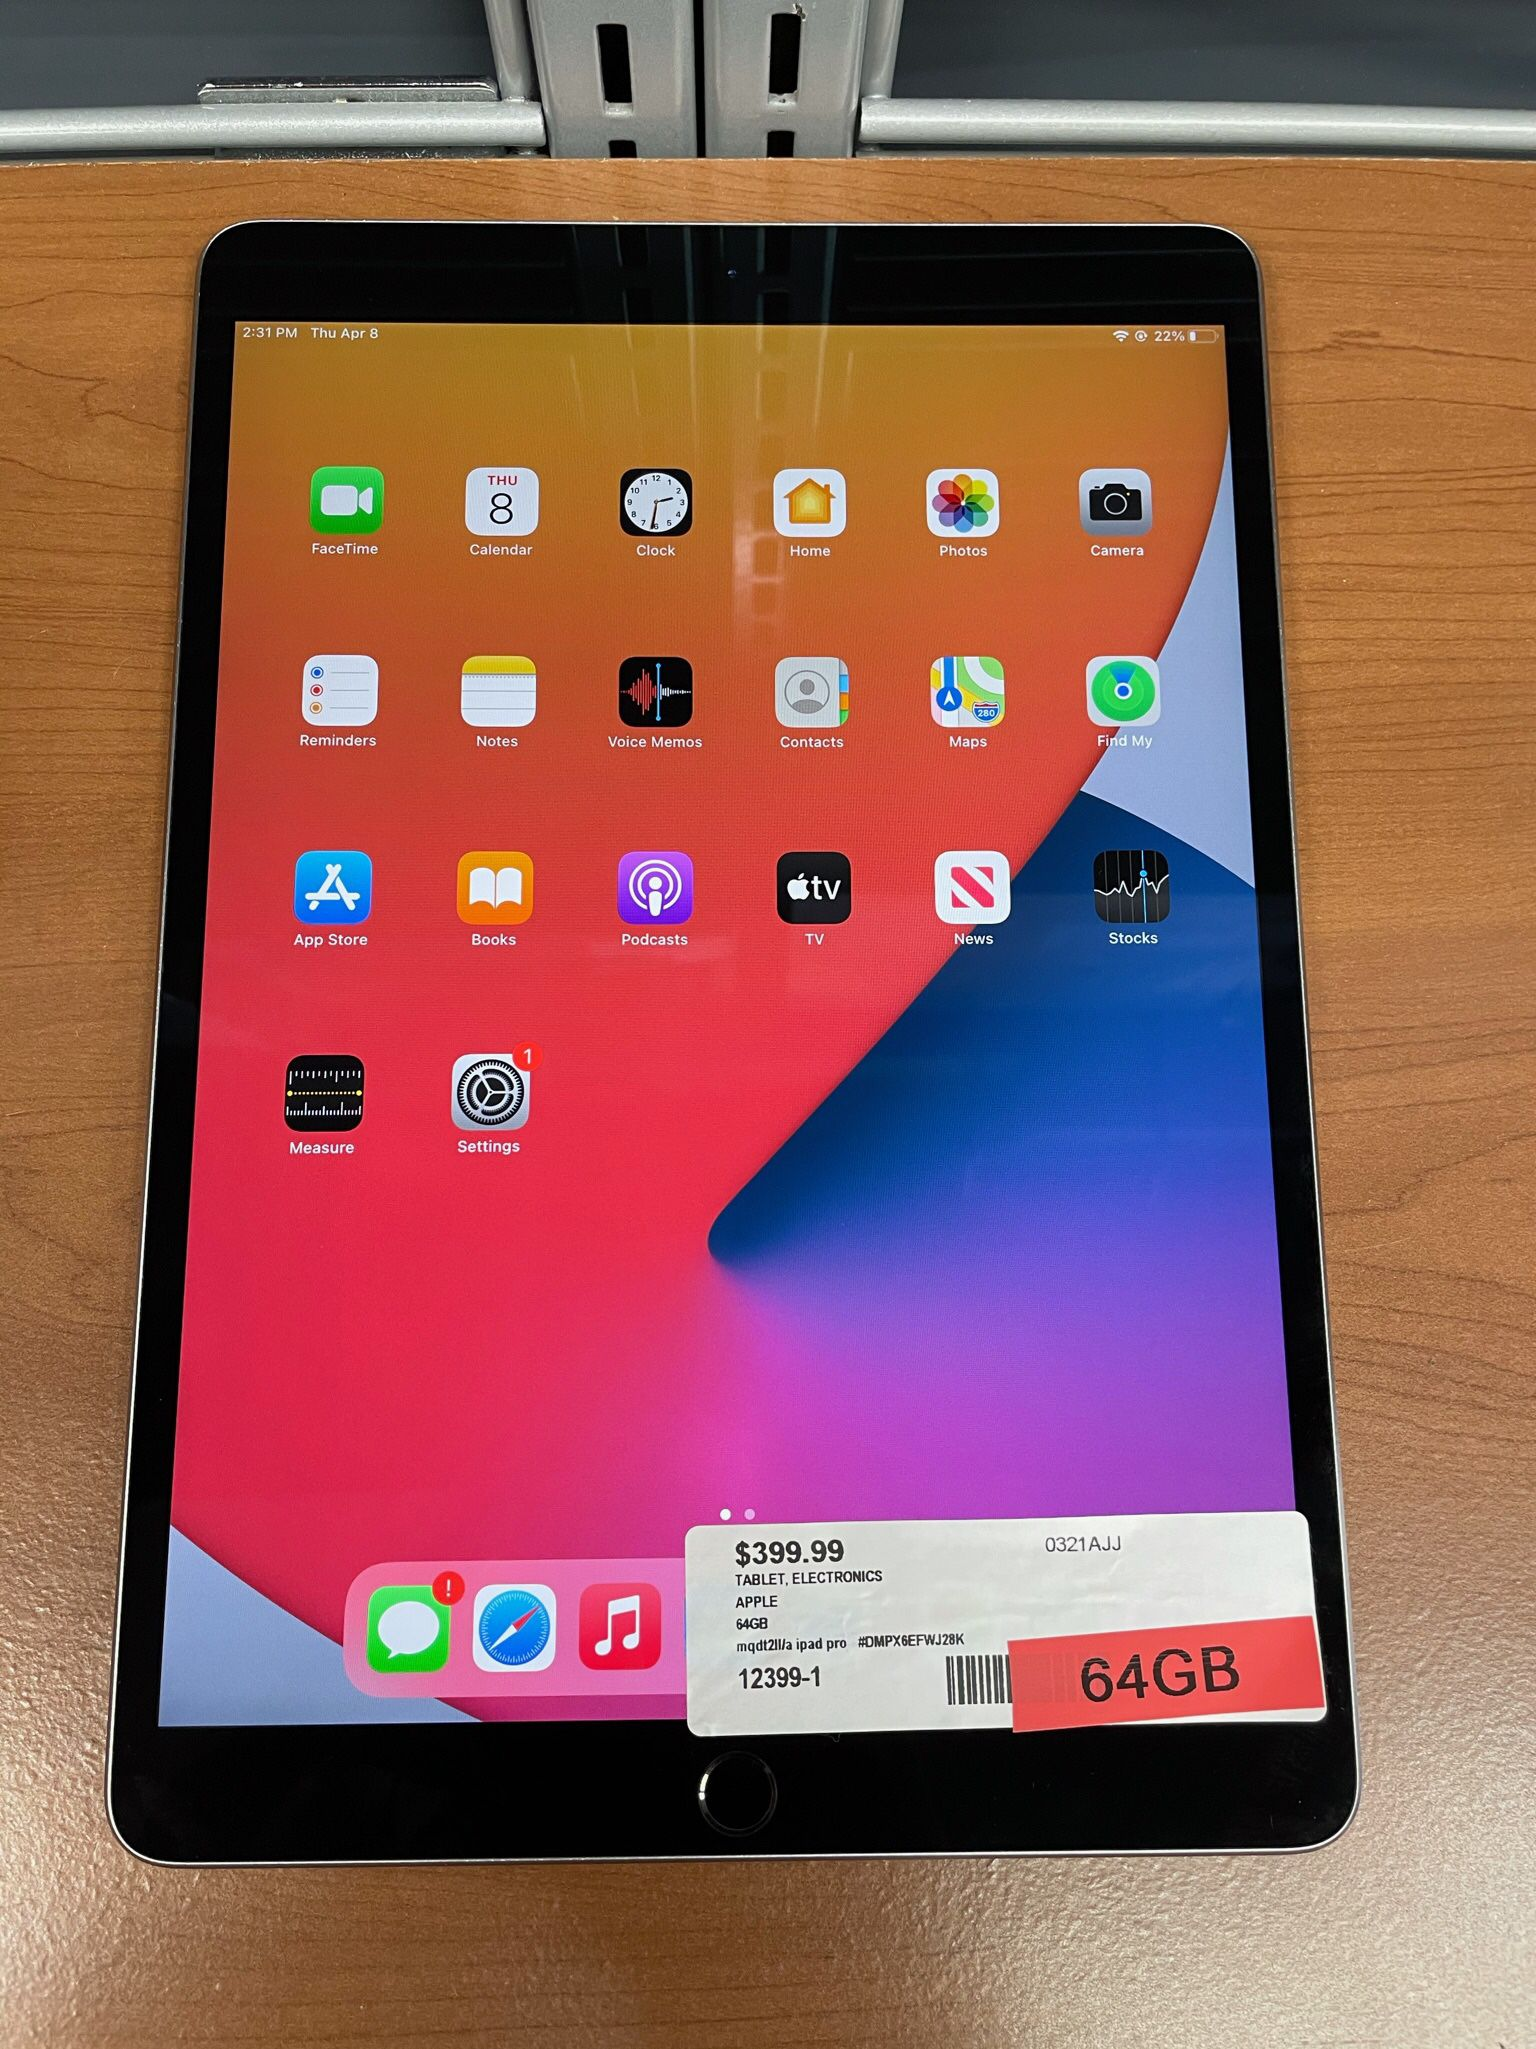 Apple iPad Pro MQDT2LL/A  64GB Tablet